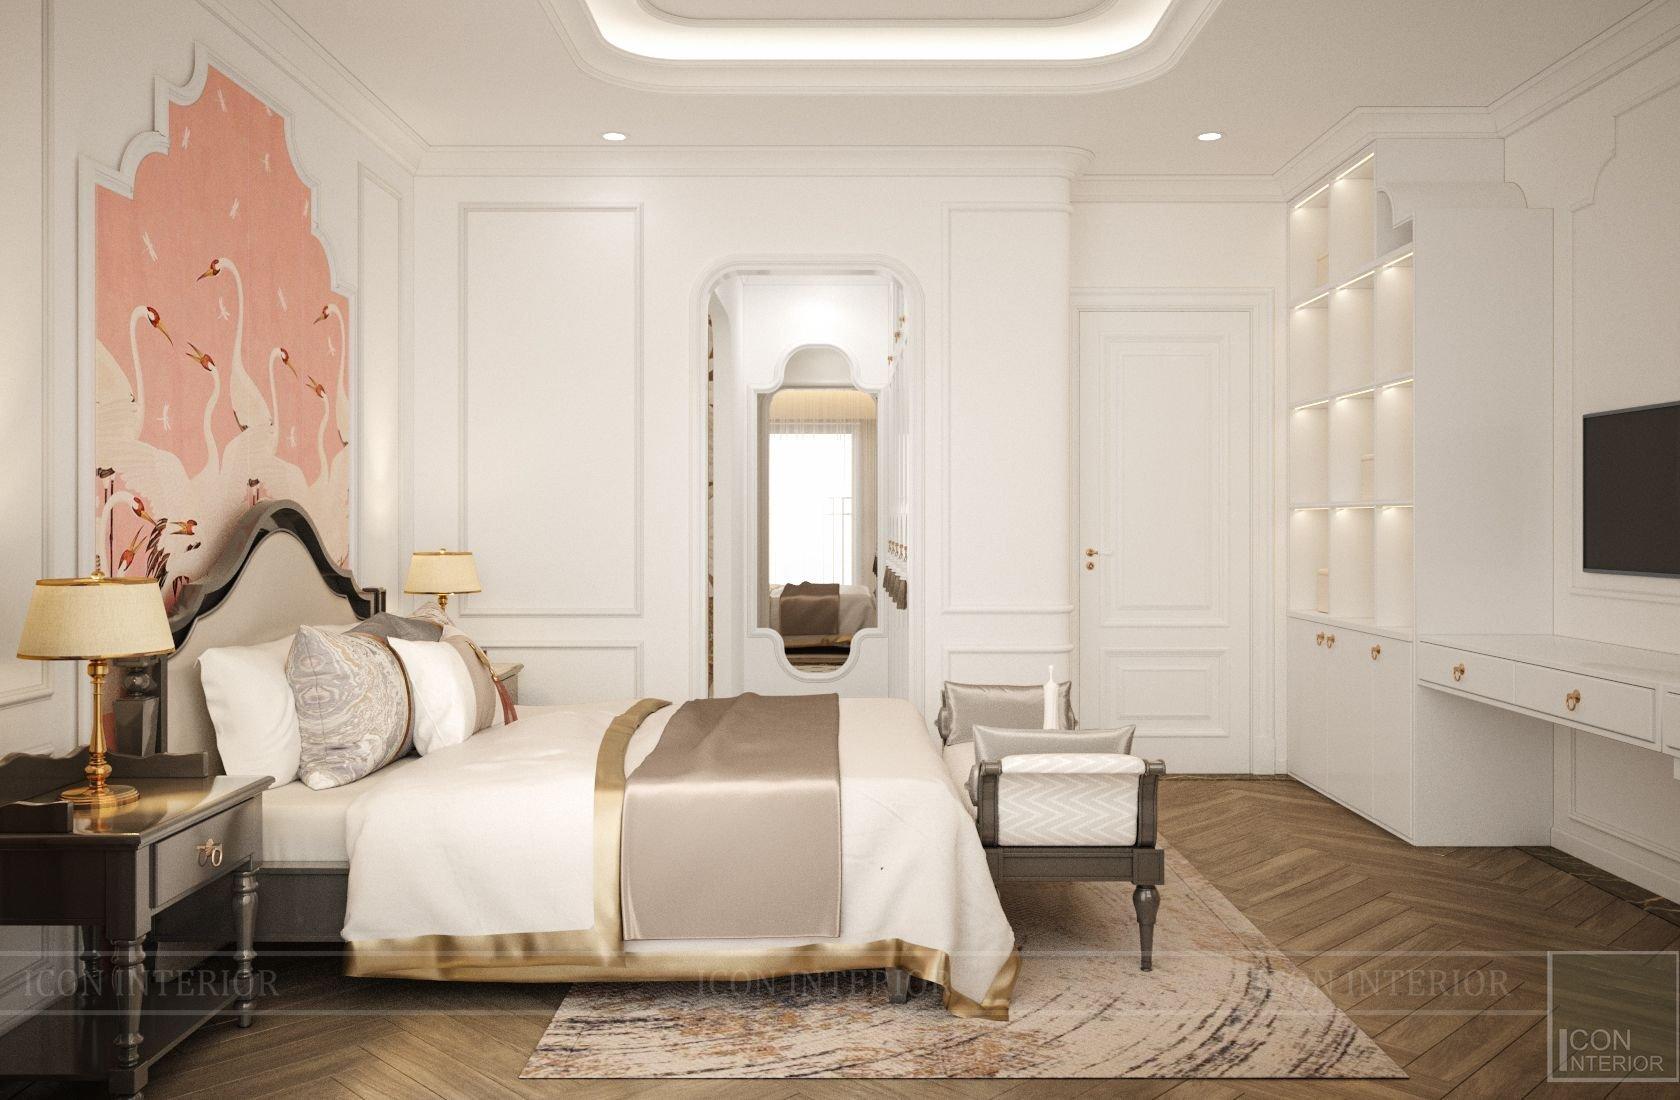 xu hướng thiết kế nội thất căn hộ chung cư